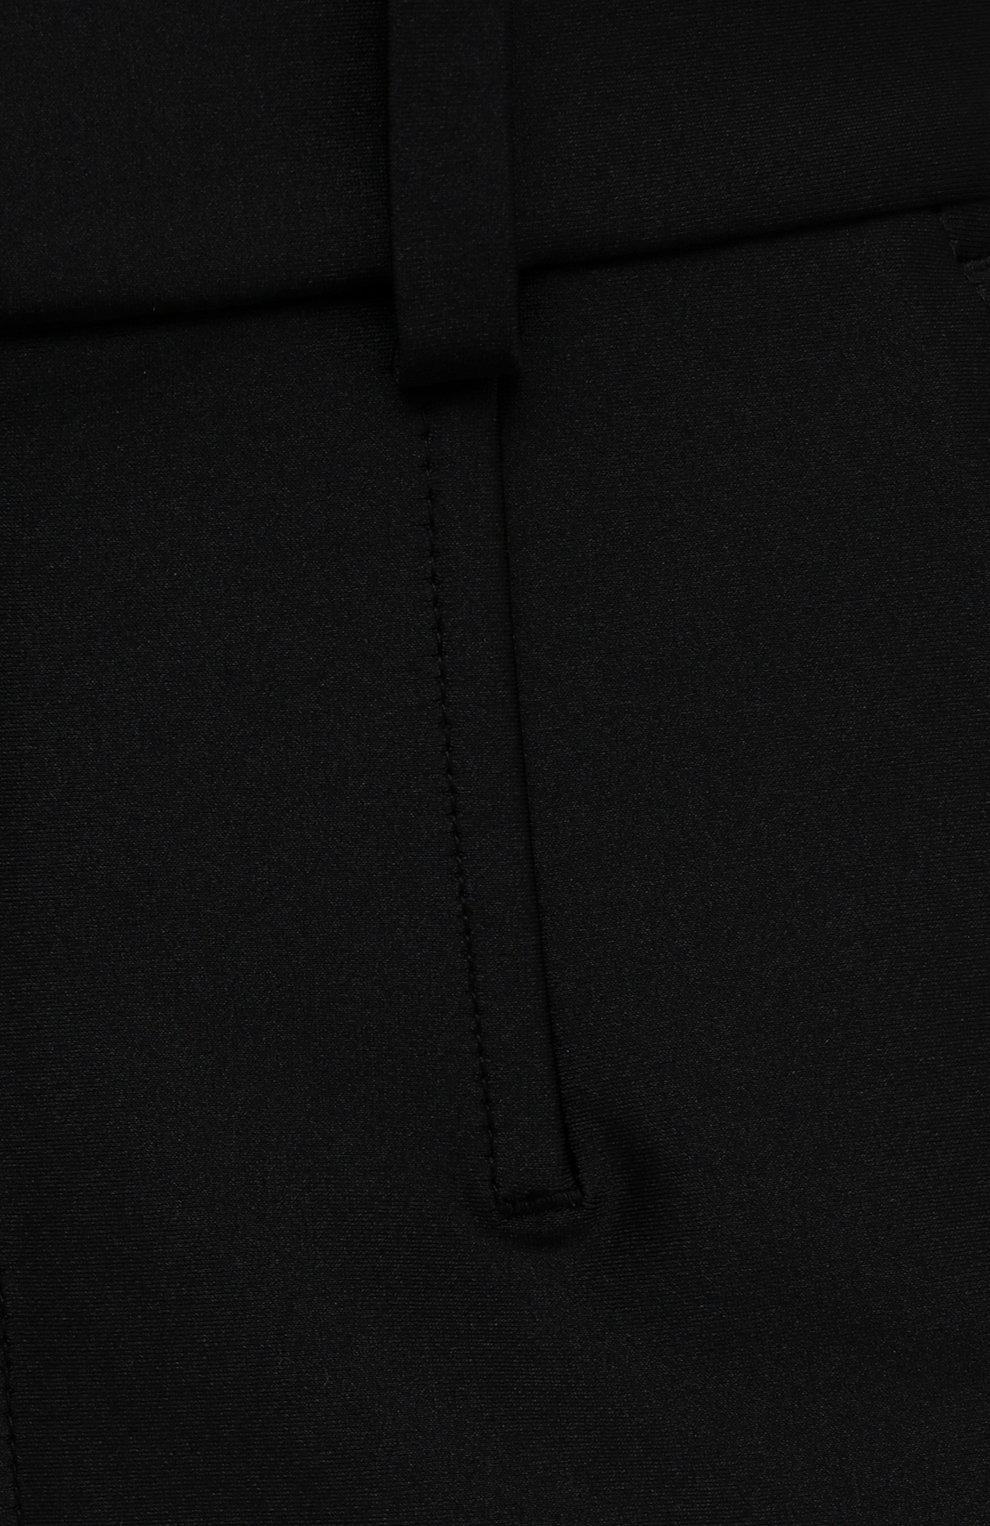 Женские шорты ALEXANDER WANG черного цвета, арт. 1CC3214379 | Фото 5 (Женское Кросс-КТ: Шорты-одежда; Длина Ж (юбки, платья, шорты): Мини; Материал внешний: Синтетический материал; Стили: Кэжуэл)